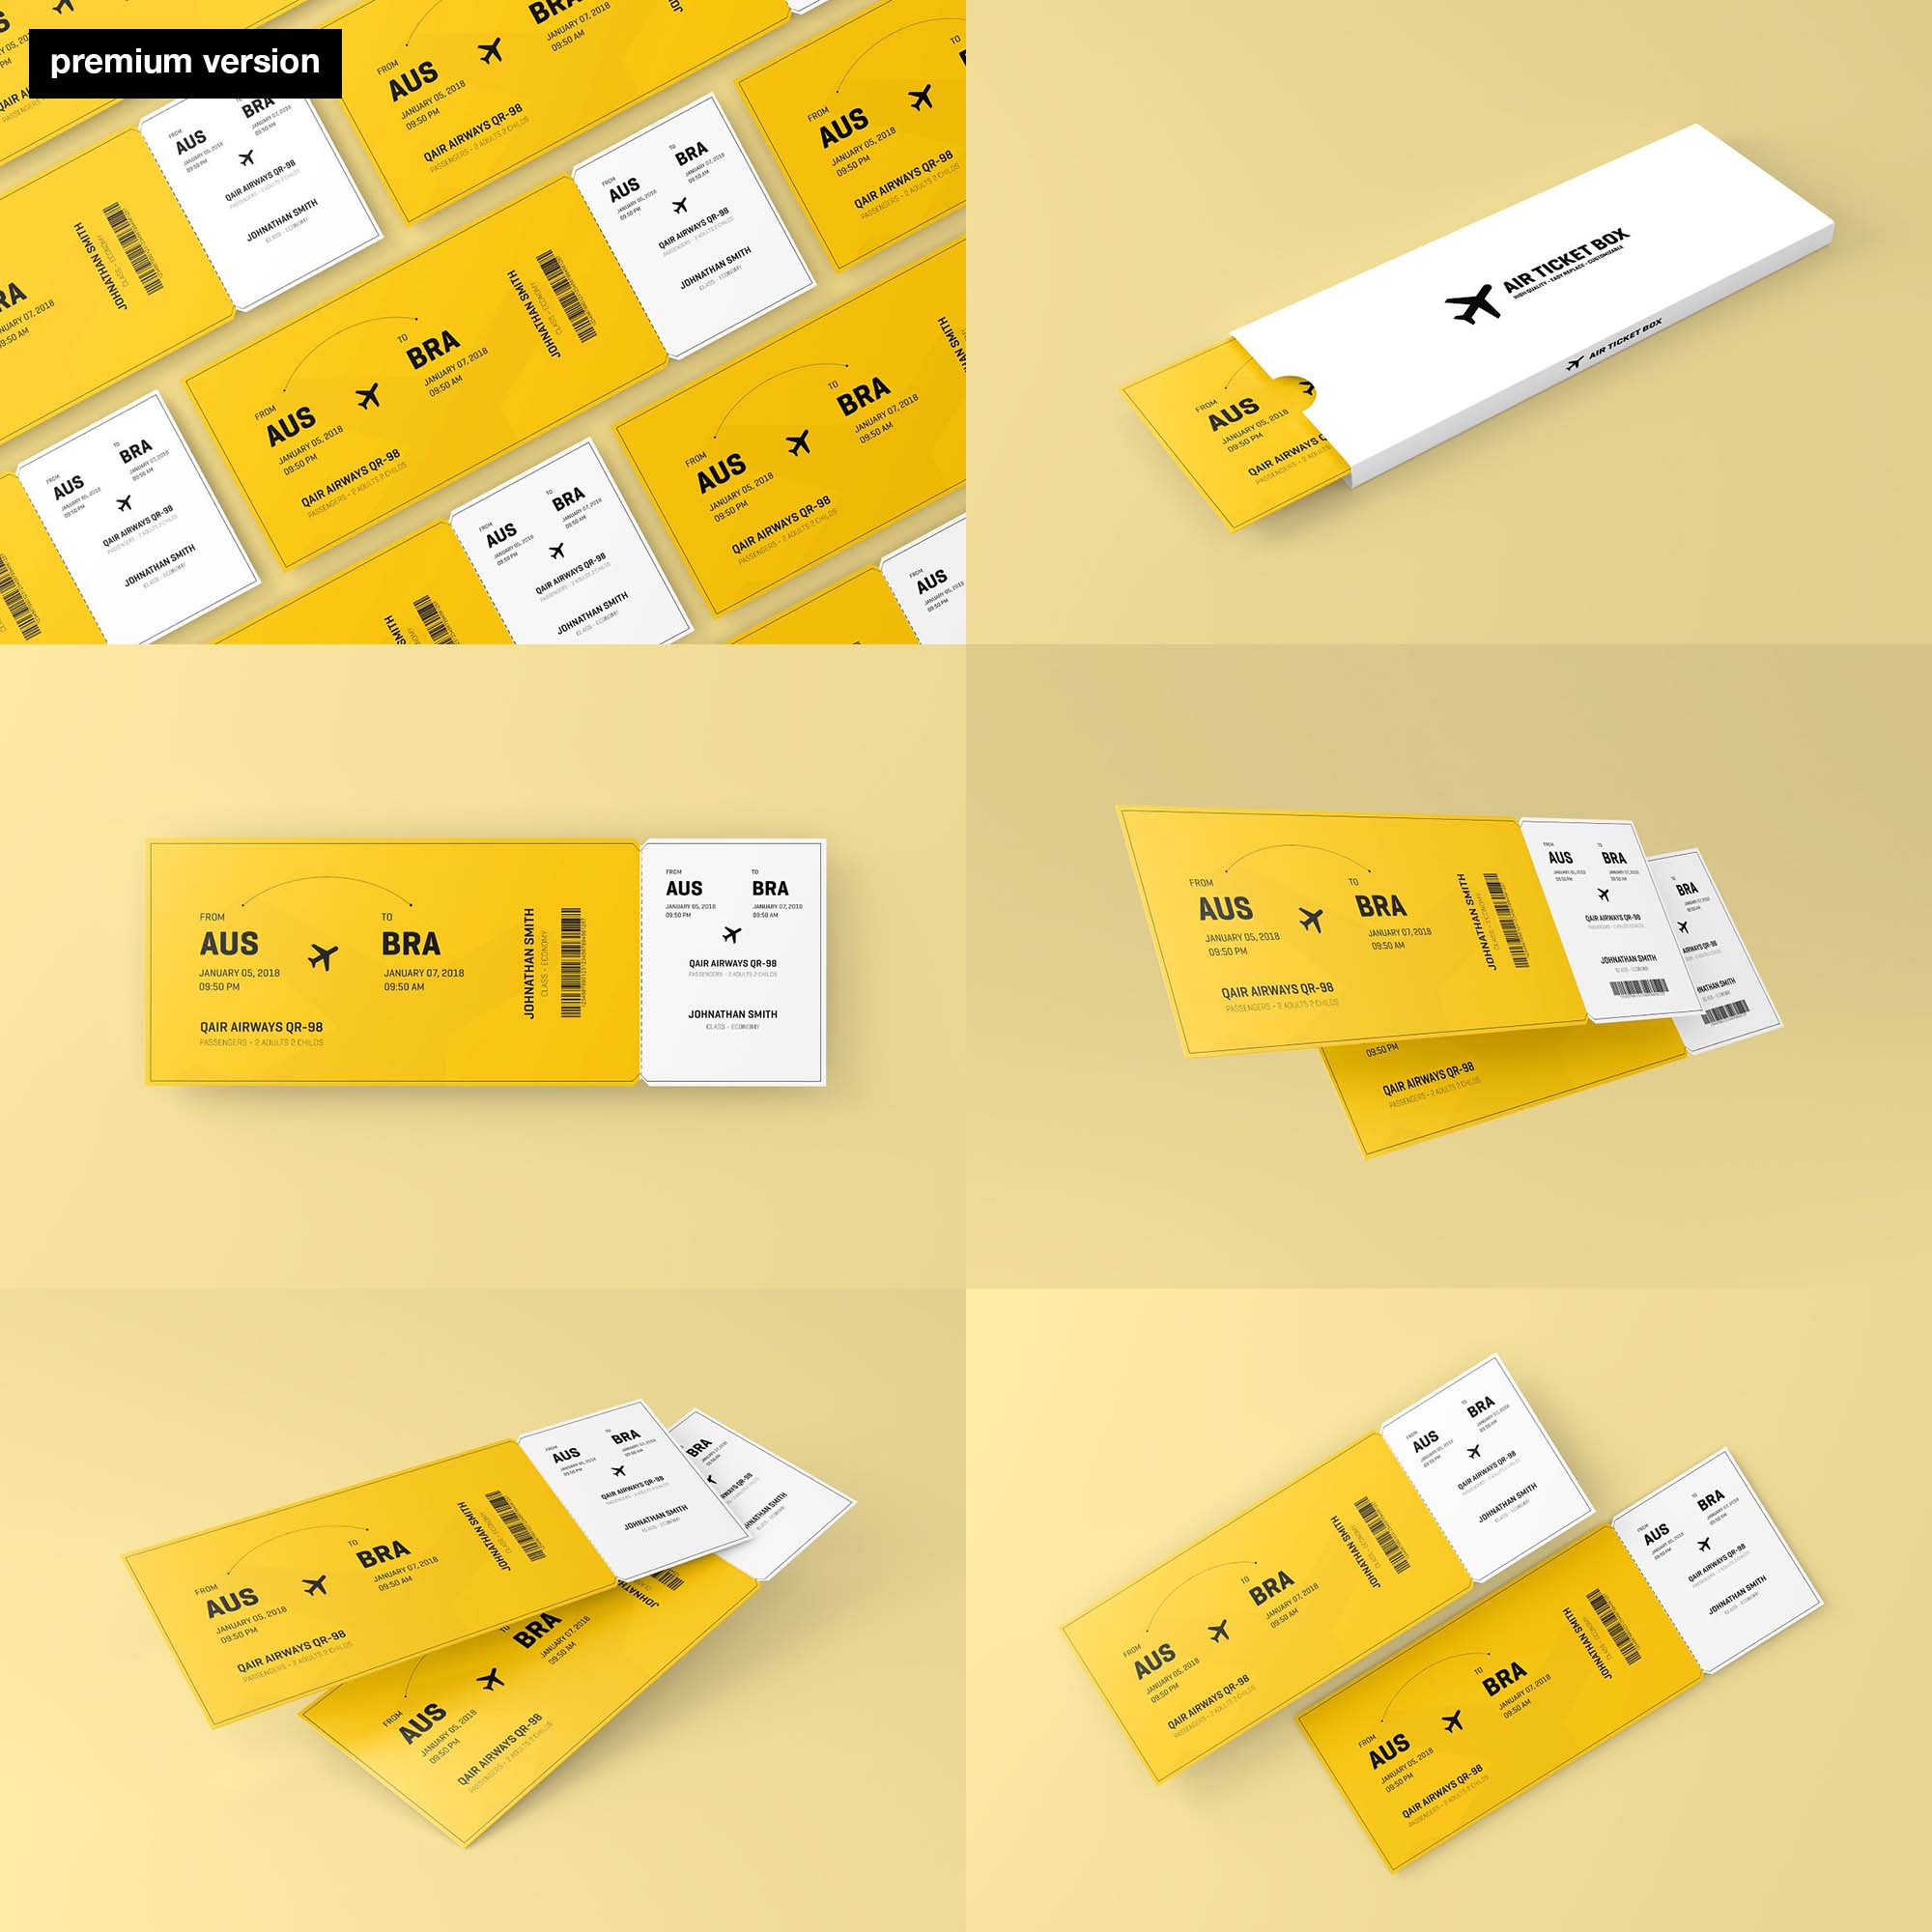 Event Ticket Mockup - Premium Version